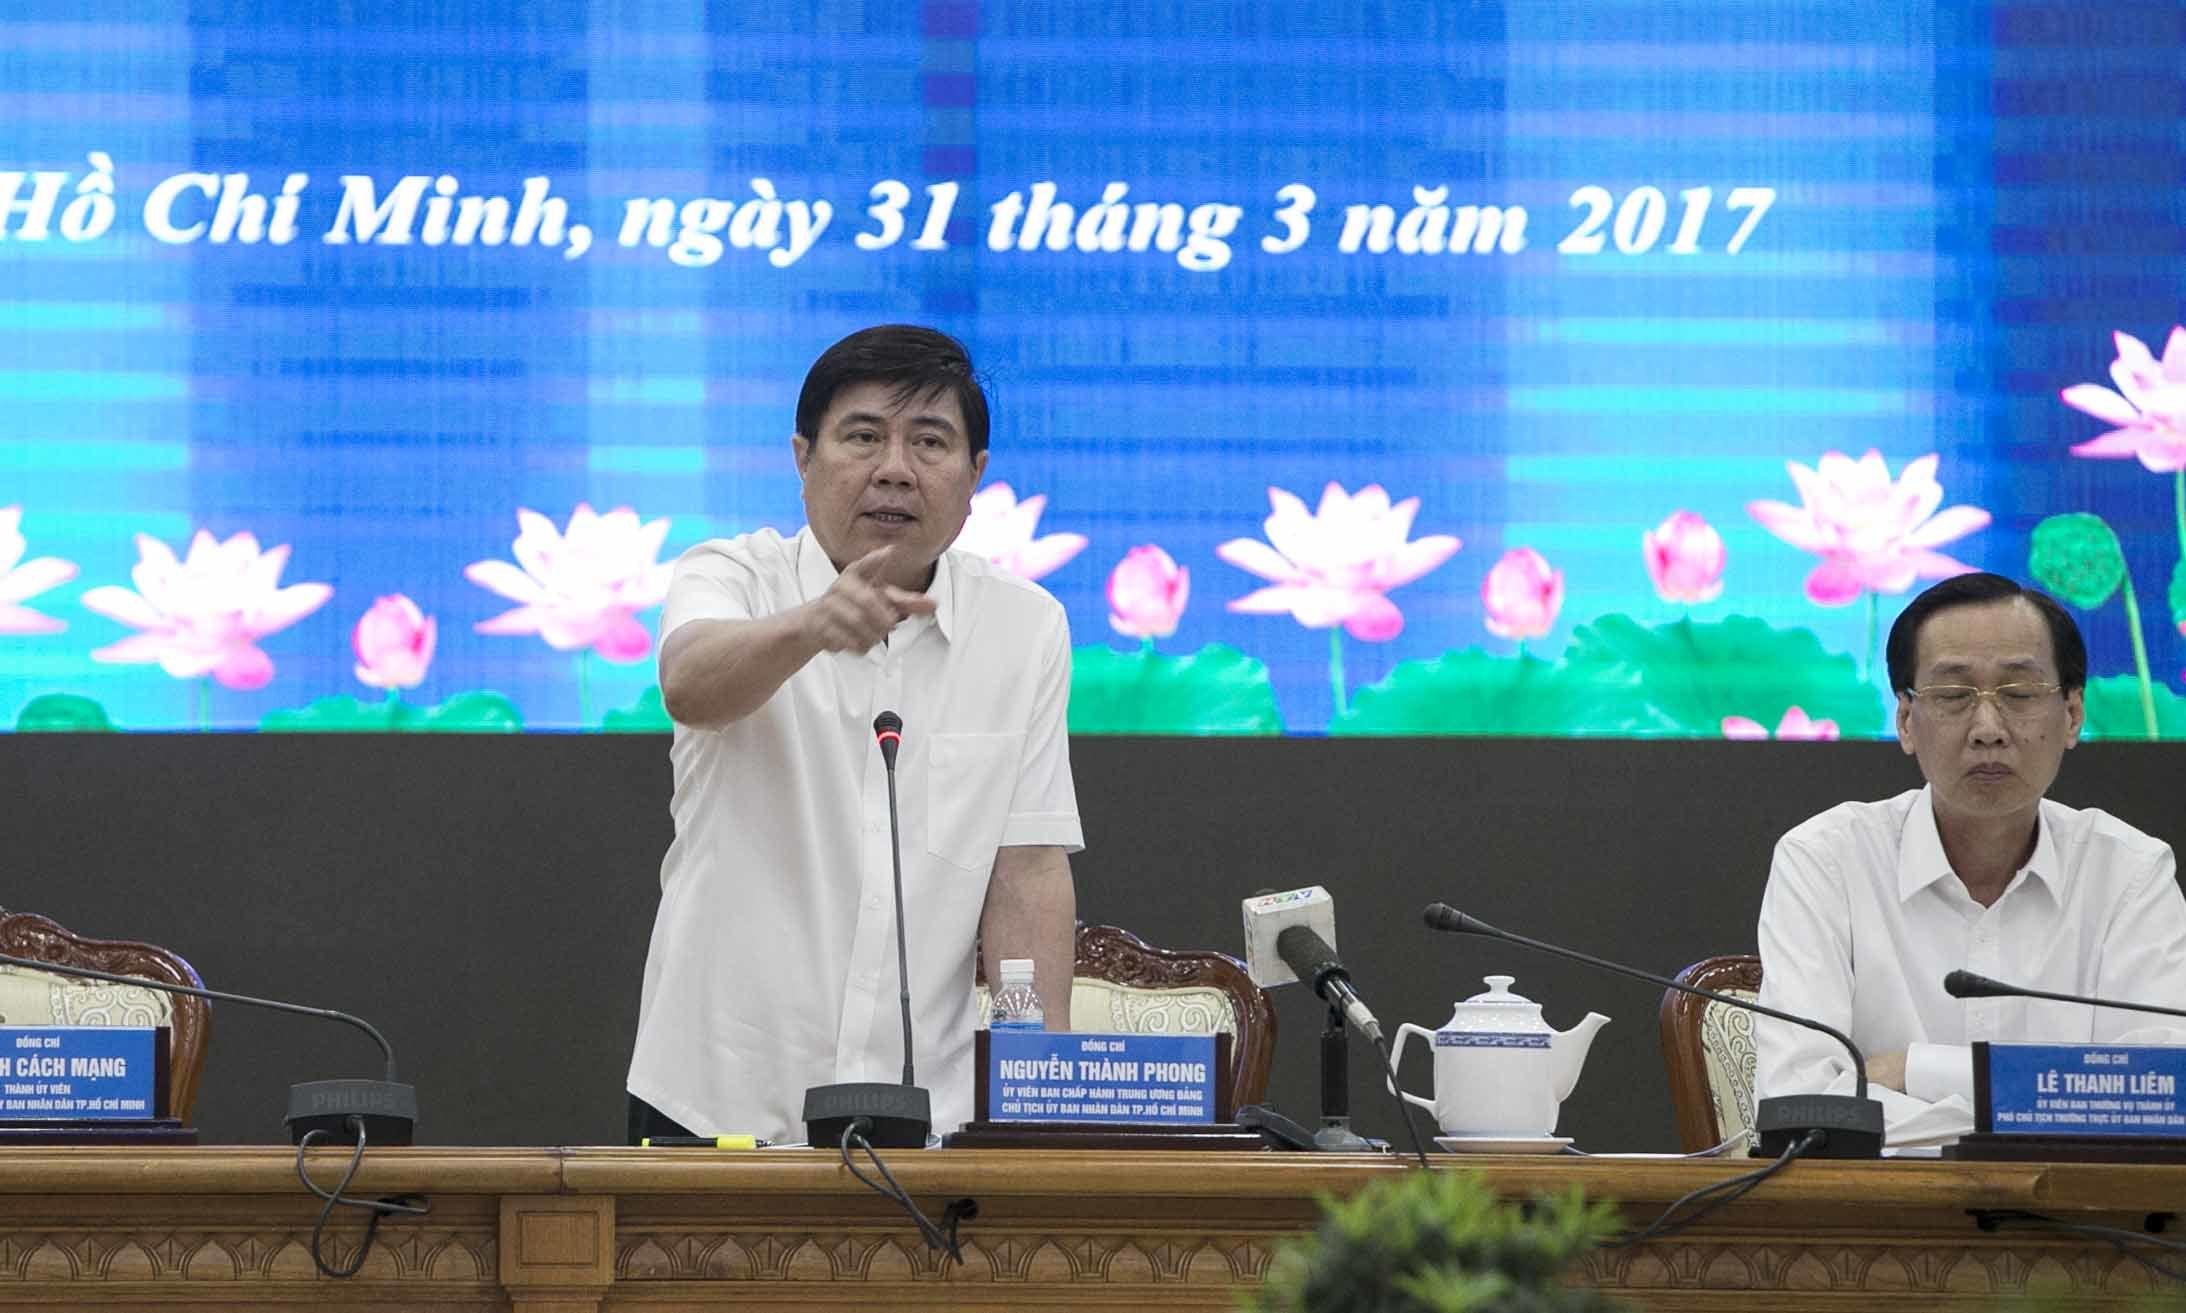 sáp nhập Thủ Đức, sáp nhập quận, thành phố Thủ Đức, Nguyễn Thành Phong, chủ tịch TP.HCM